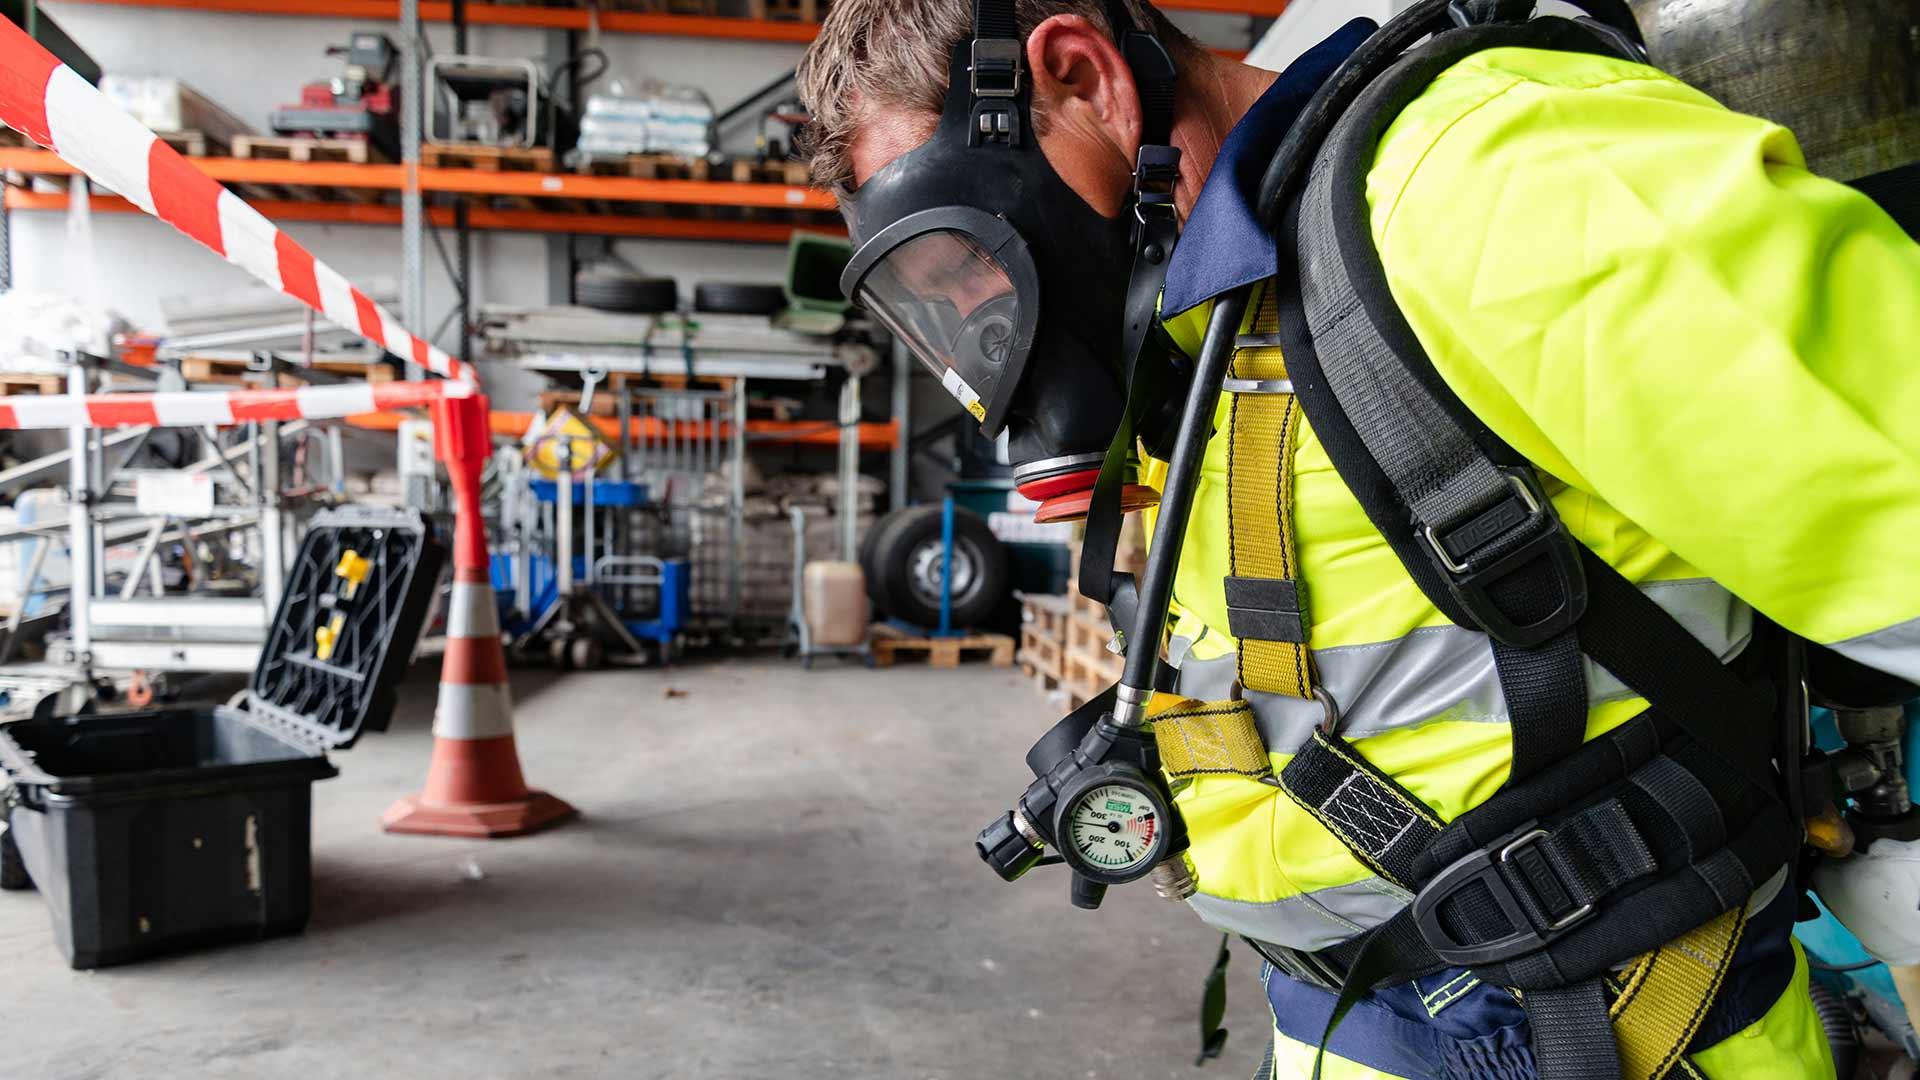 Verhuur veiligheidsmateriaal - Safety Masters